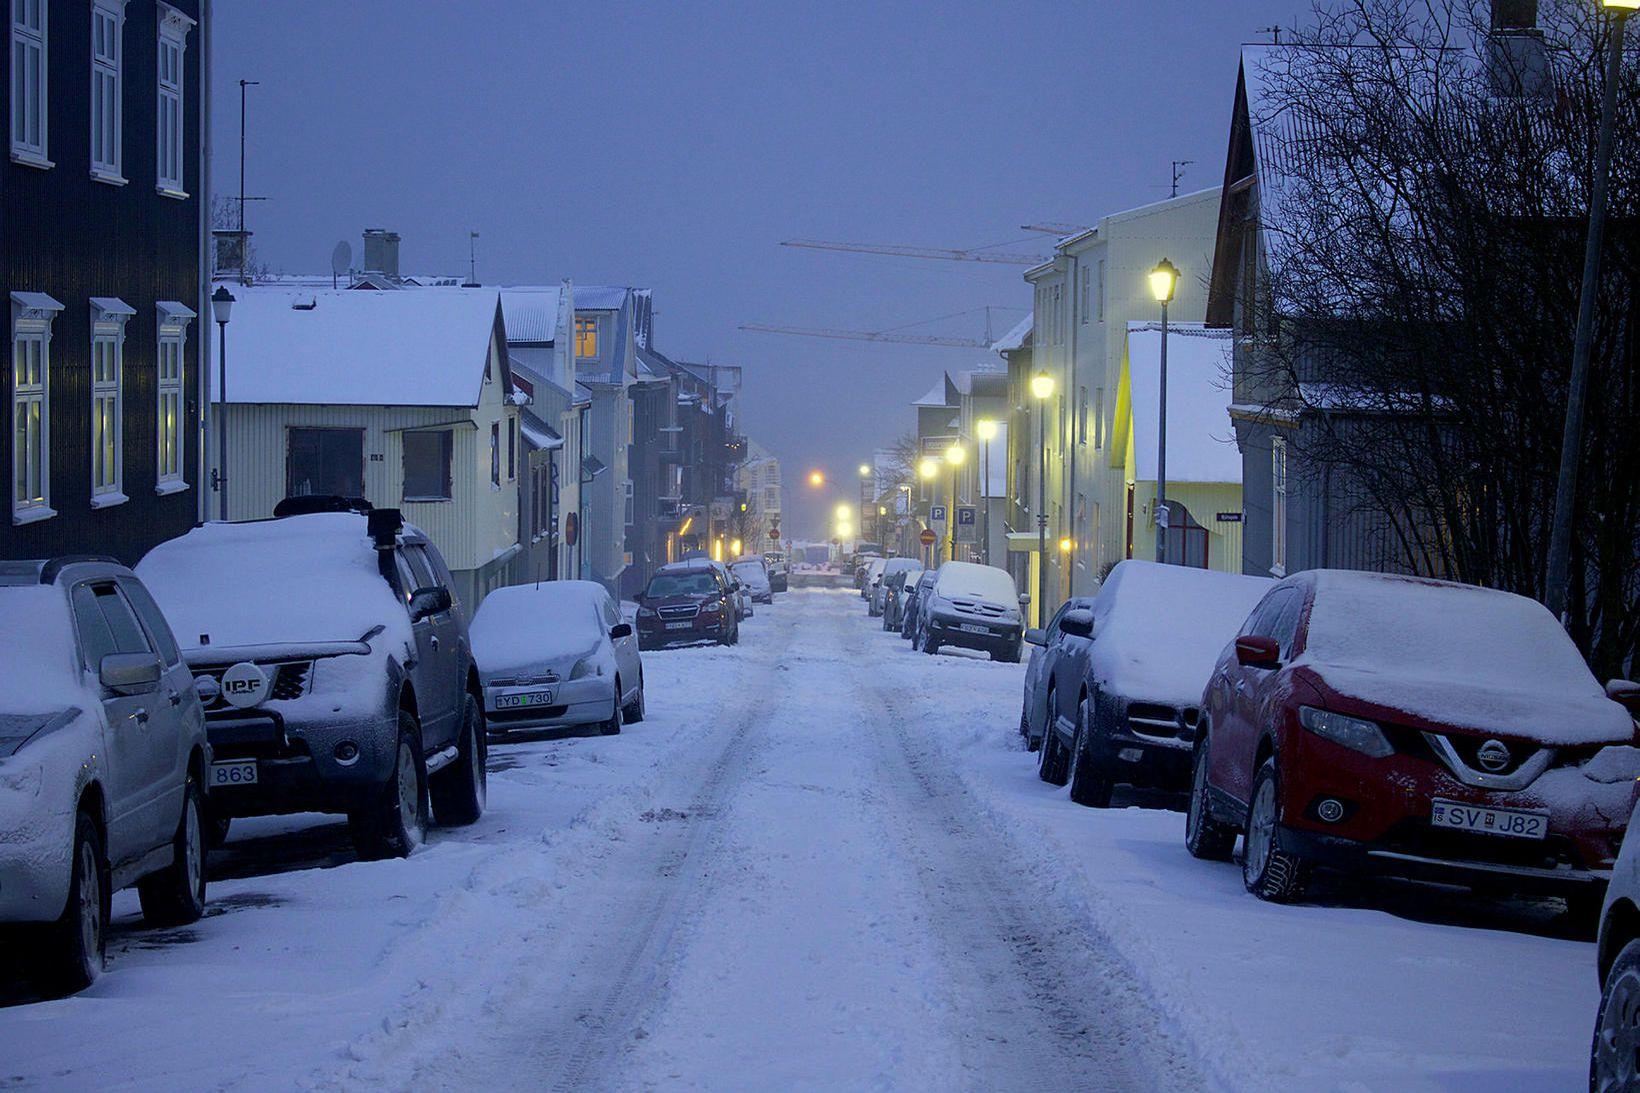 Vetrarlegt er í Reykjavík eins og alls staðar á landinu.